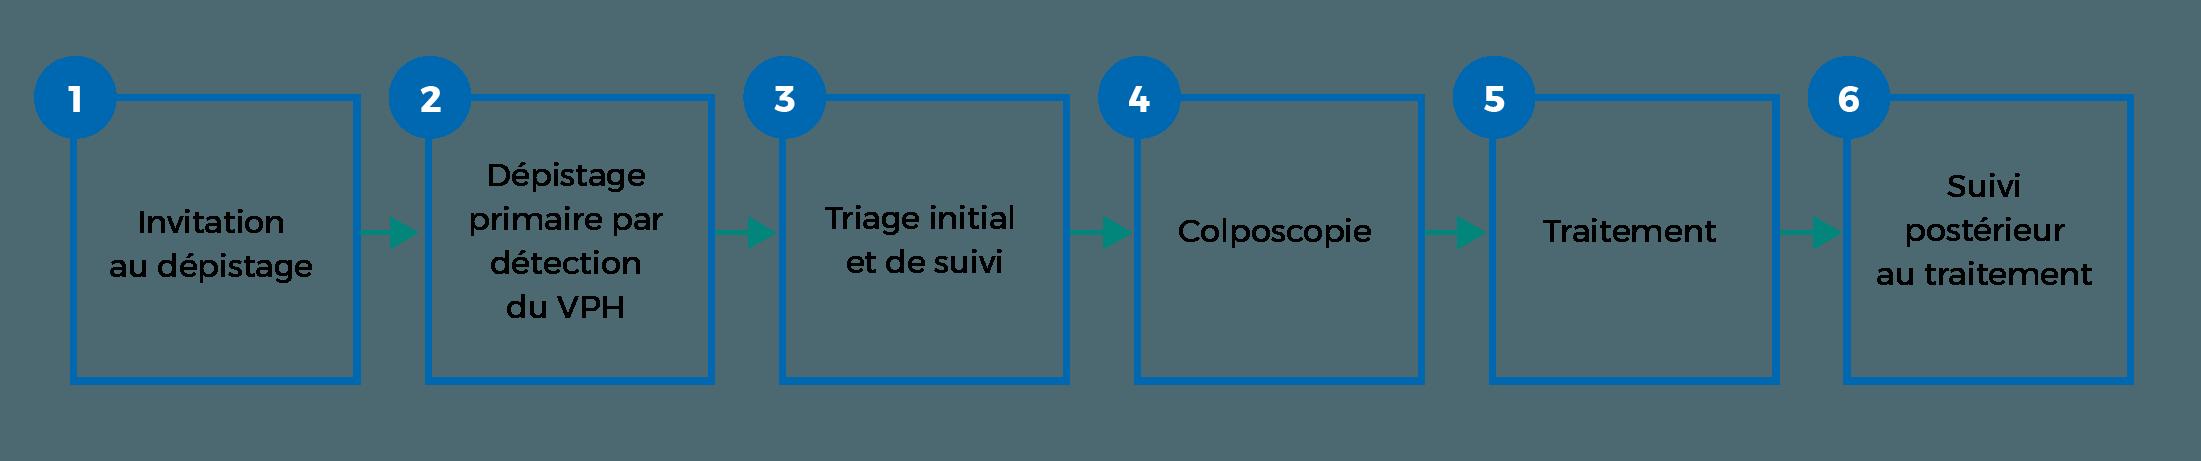 diagramme de six étapes